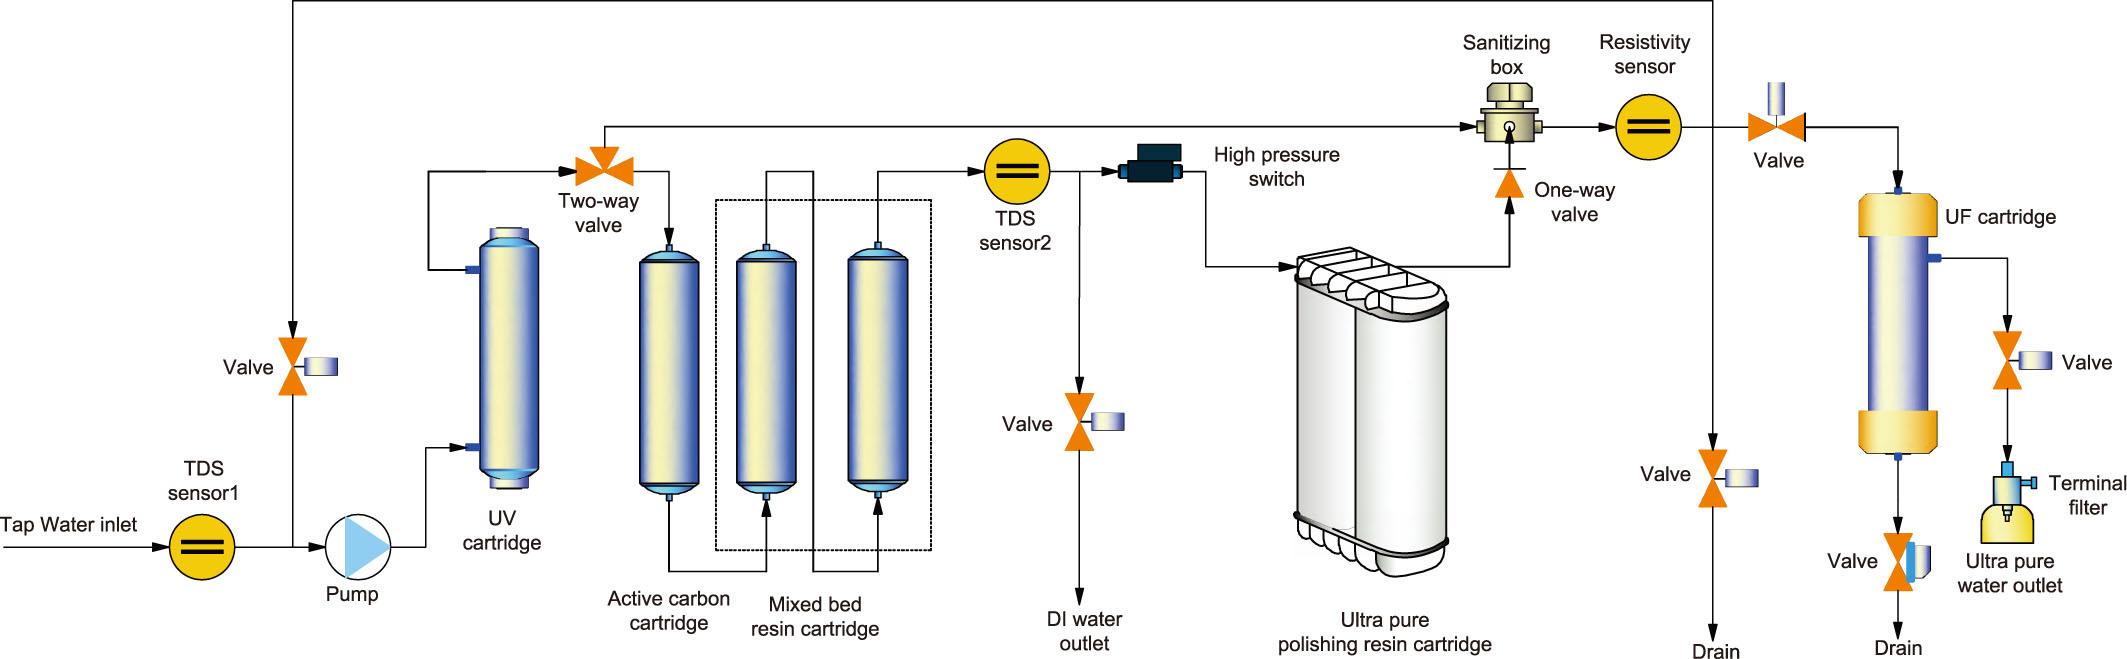 美国The lab高端超纯水机Dura基础/Dura F除热源/Dura V低有机物/Dura FV综合型 产品简述: 美国The lab高端超纯水机Dura基础/Dura F除热源/Dura V低有机物/Dura FV综合型是以蒸馏水、去离子水或反渗透水为水源;可直接制备18.2M.cm的超纯水;一体化设计的预处理及后置纯化单元整体耗材组件;RS232/USB接口,自动记录一整年水质资料,出水水质符合NCCLS,ASTM,CAP要求,整机符合 GLP。 技术特点: